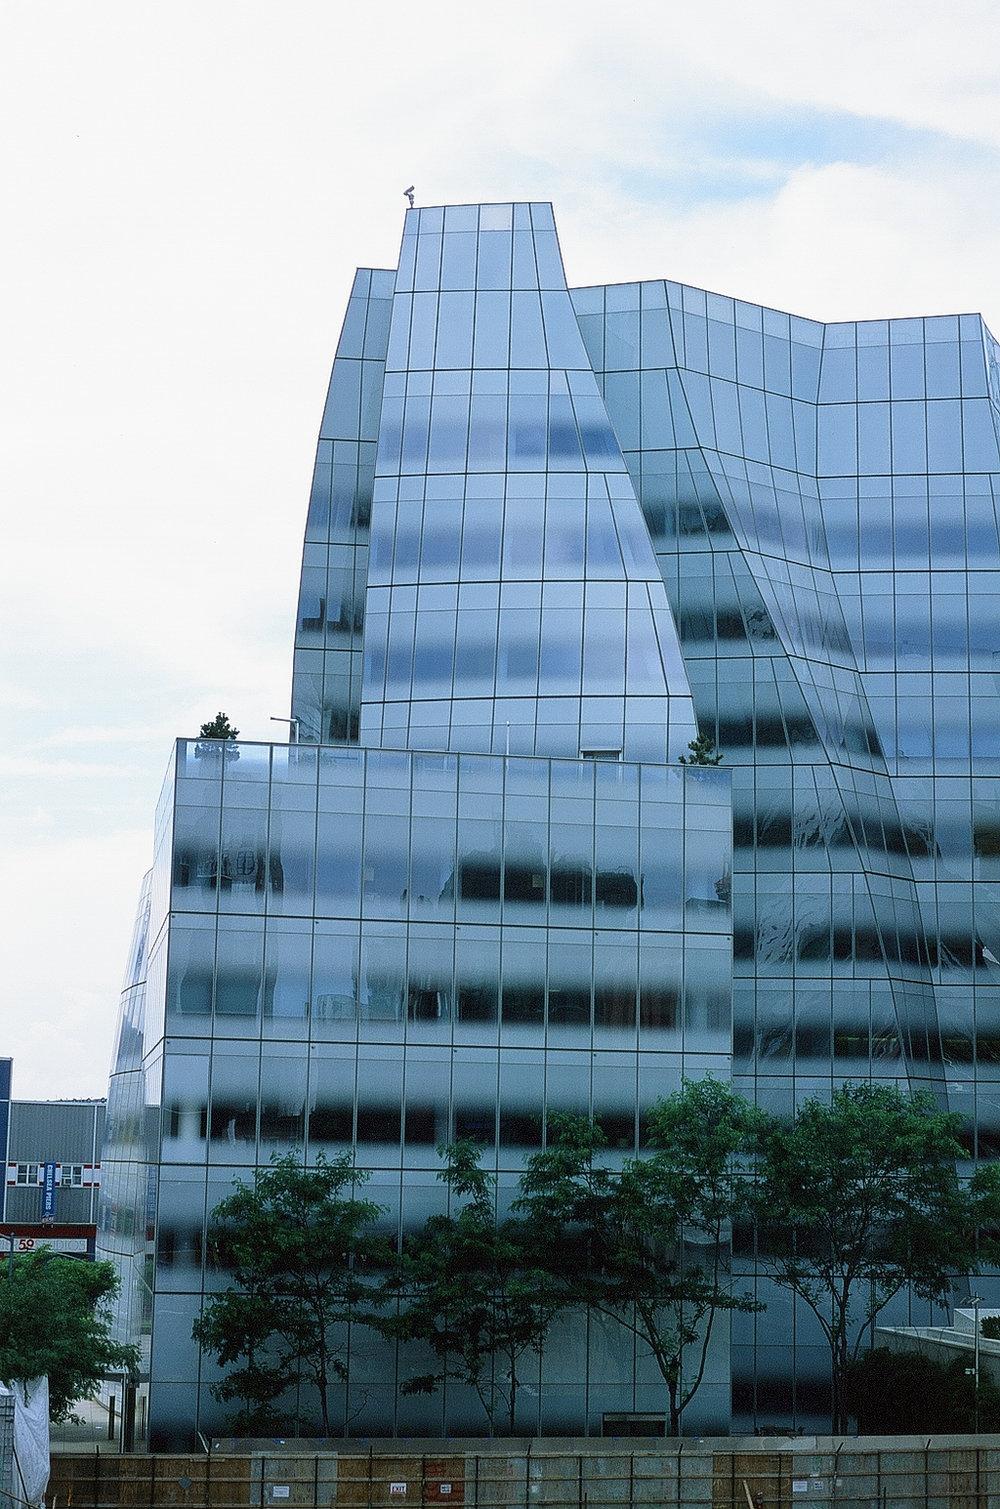 IAC Building, Frank Gehry - Highline, NYC    Provia 100F - Olympus OM10